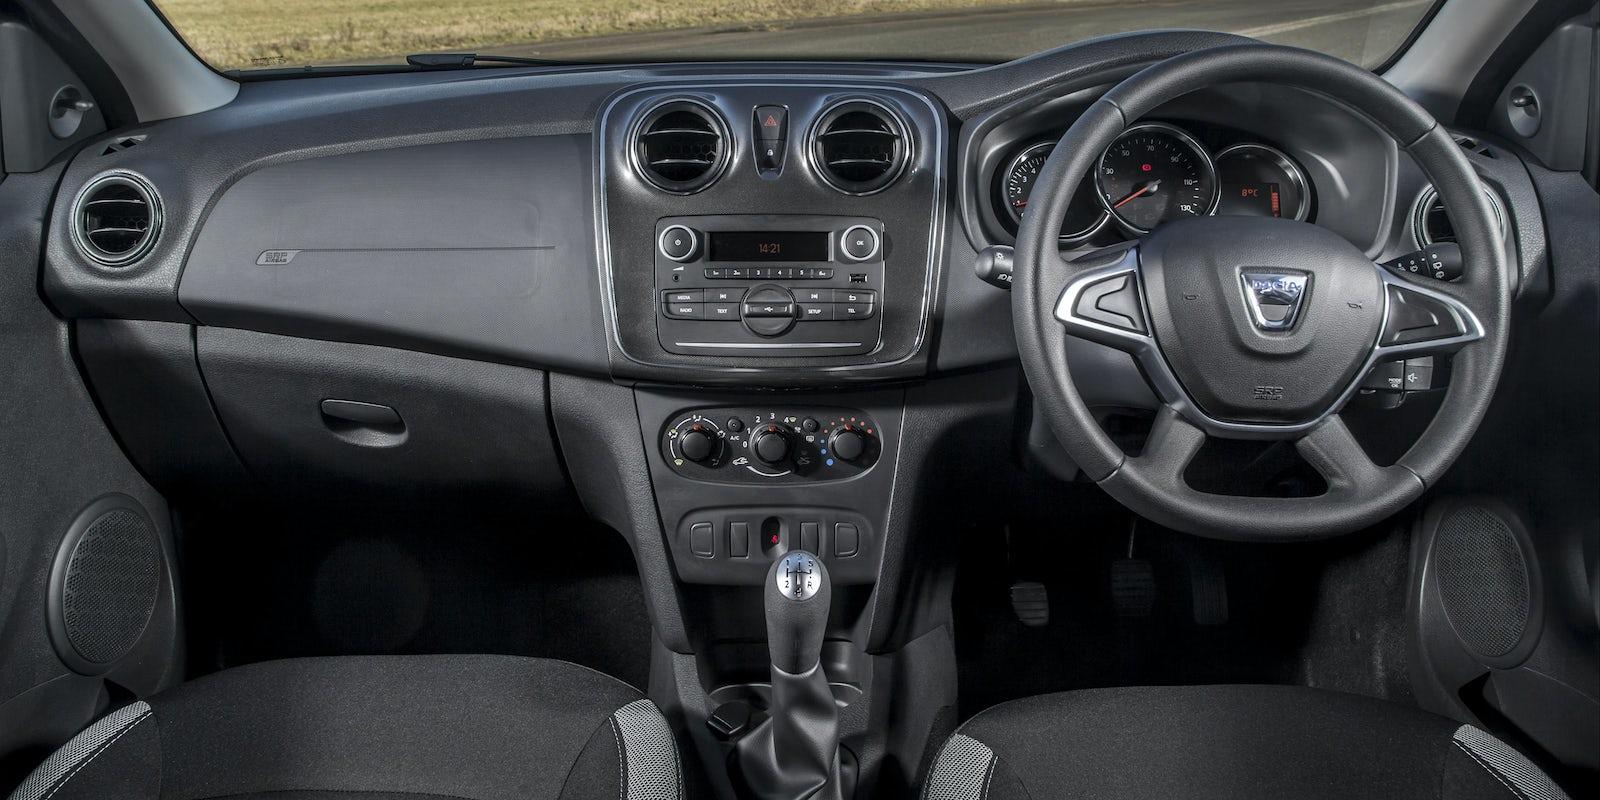 https://carwow-uk-wp-2.imgix.net/New_Dacia_Sandero_Stepway_41.jpg?ixlib=rb-1.1.0&fit=crop&w=1600&h=800&q=60&cs=tinysrgb&auto=format